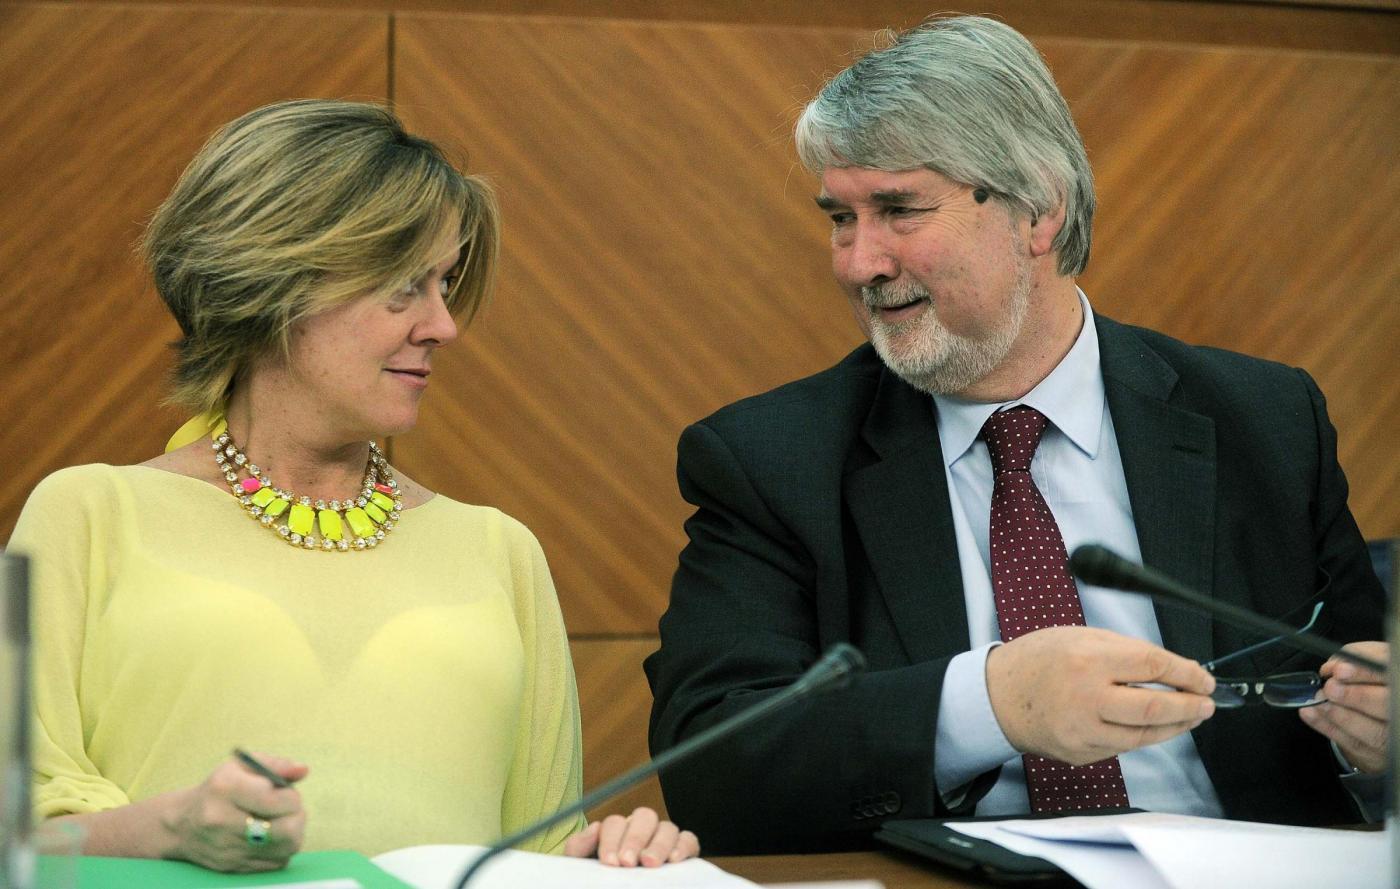 Le gaffe di Beatrice Lorenzin e Giuliano Poletti